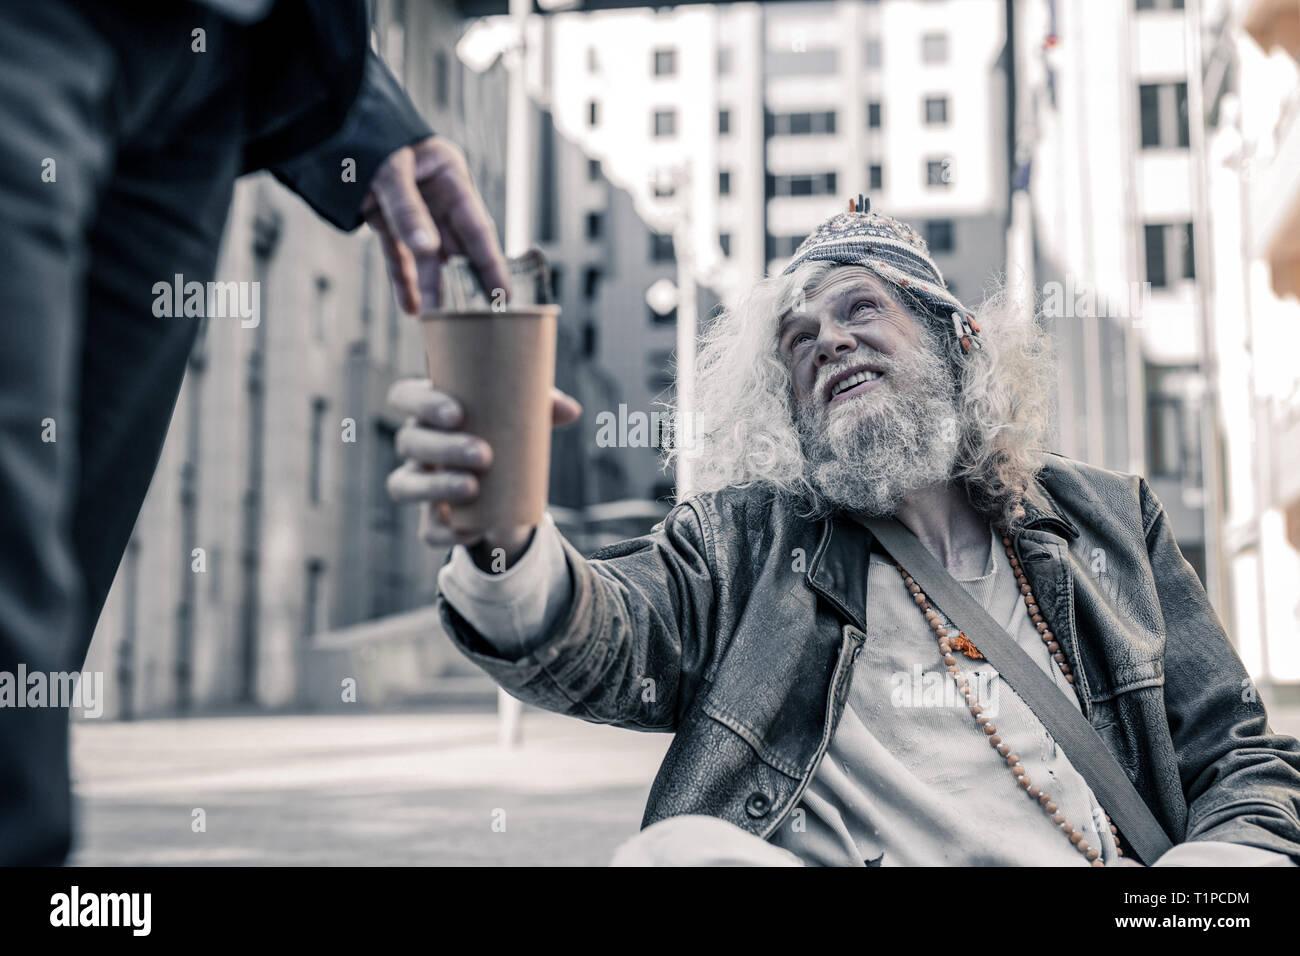 Angustiati dai lunghi capelli uomo essendo poveri senzatetto e raccolta di fondi Immagini Stock